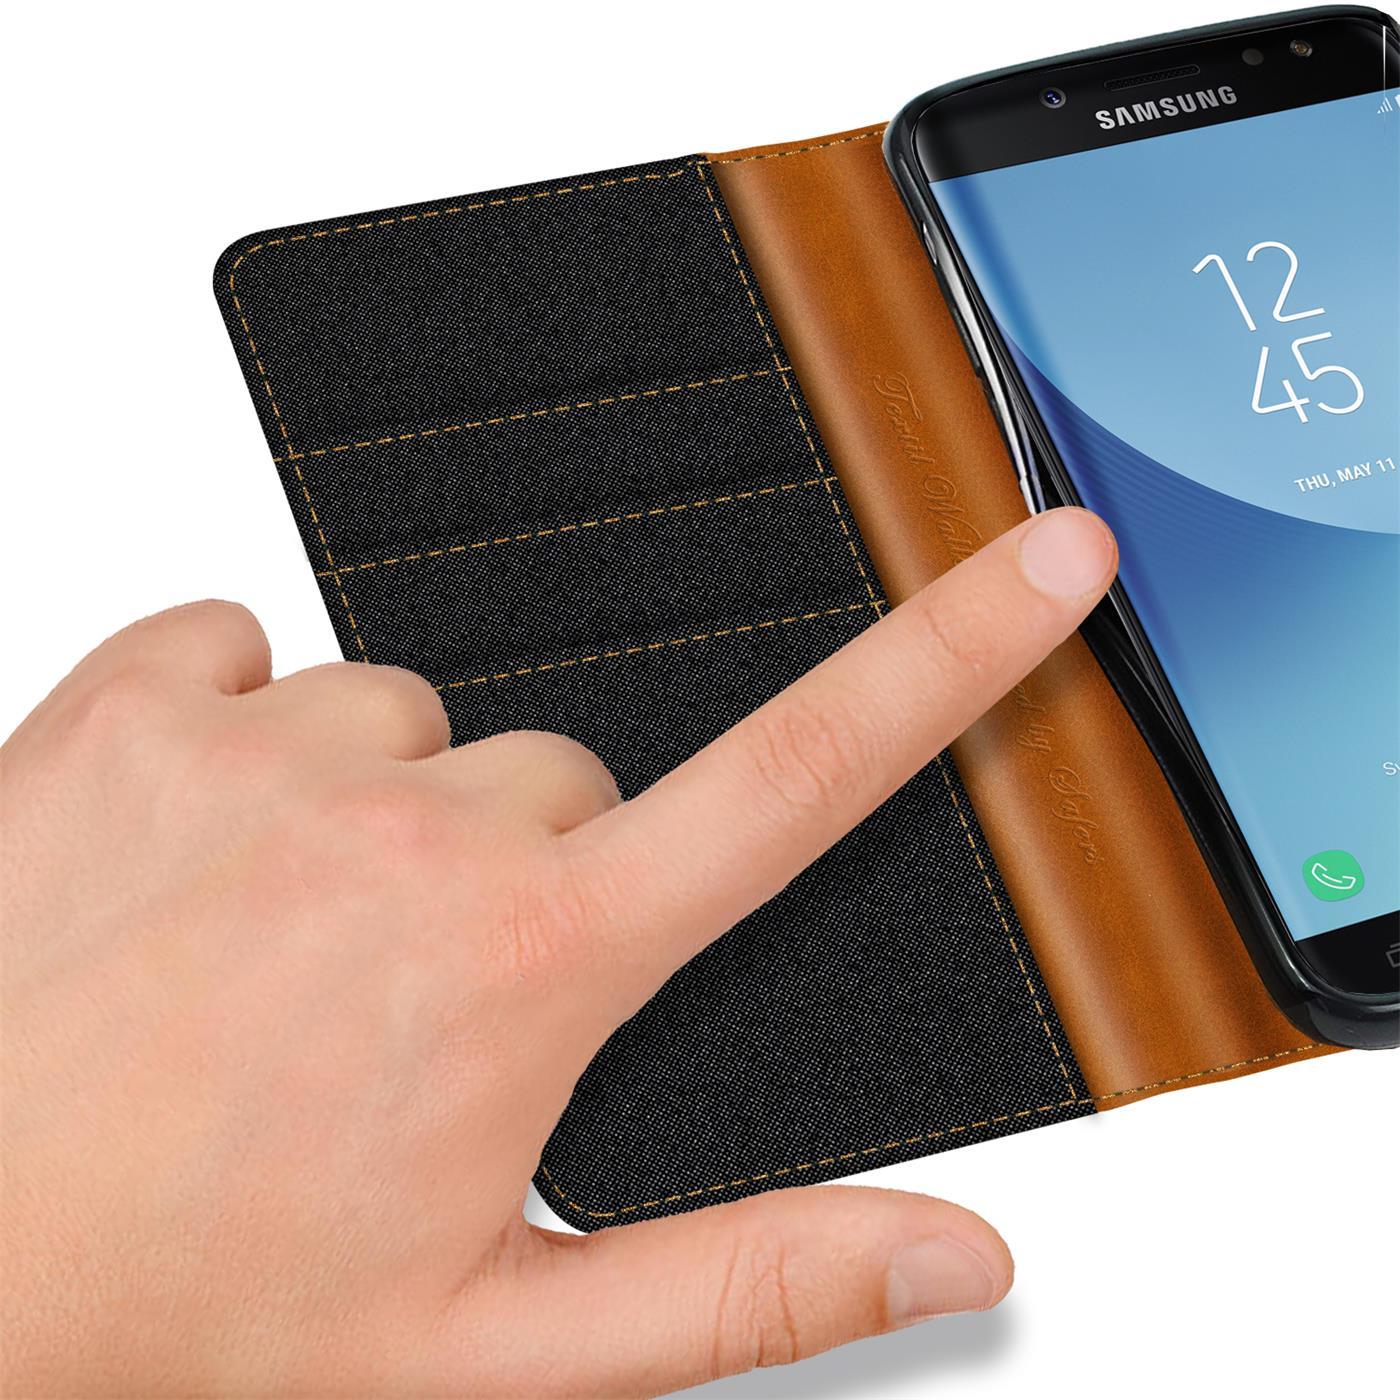 Indexbild 10 - Handy Hülle für Samsung Galaxy J3 2017 Tasche Etui Flip Case Schutz Hülle Cover